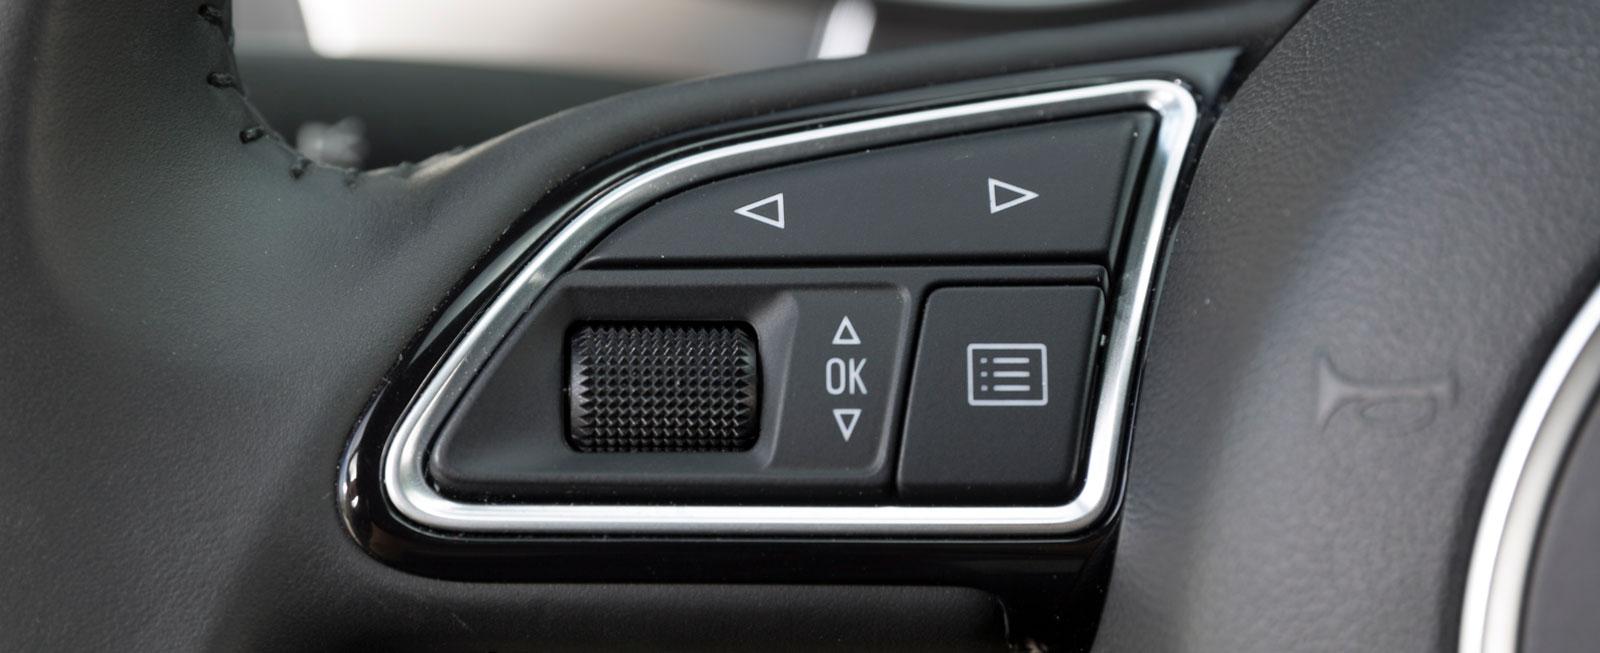 Audis rattreglage manövreras med knappar och rullar. Enkelt och lätthanterligt.